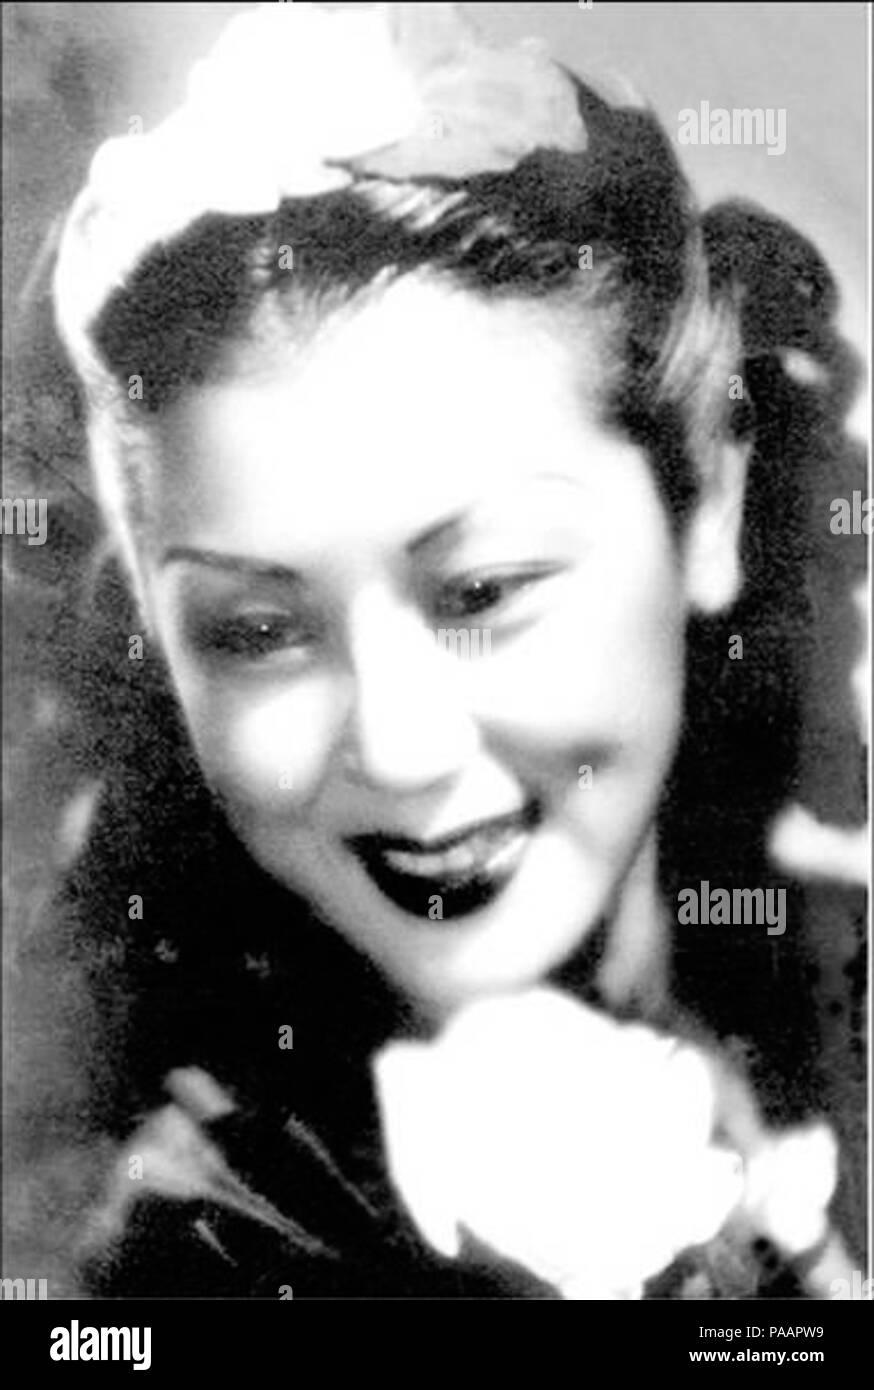 Shangguan Yunzhu